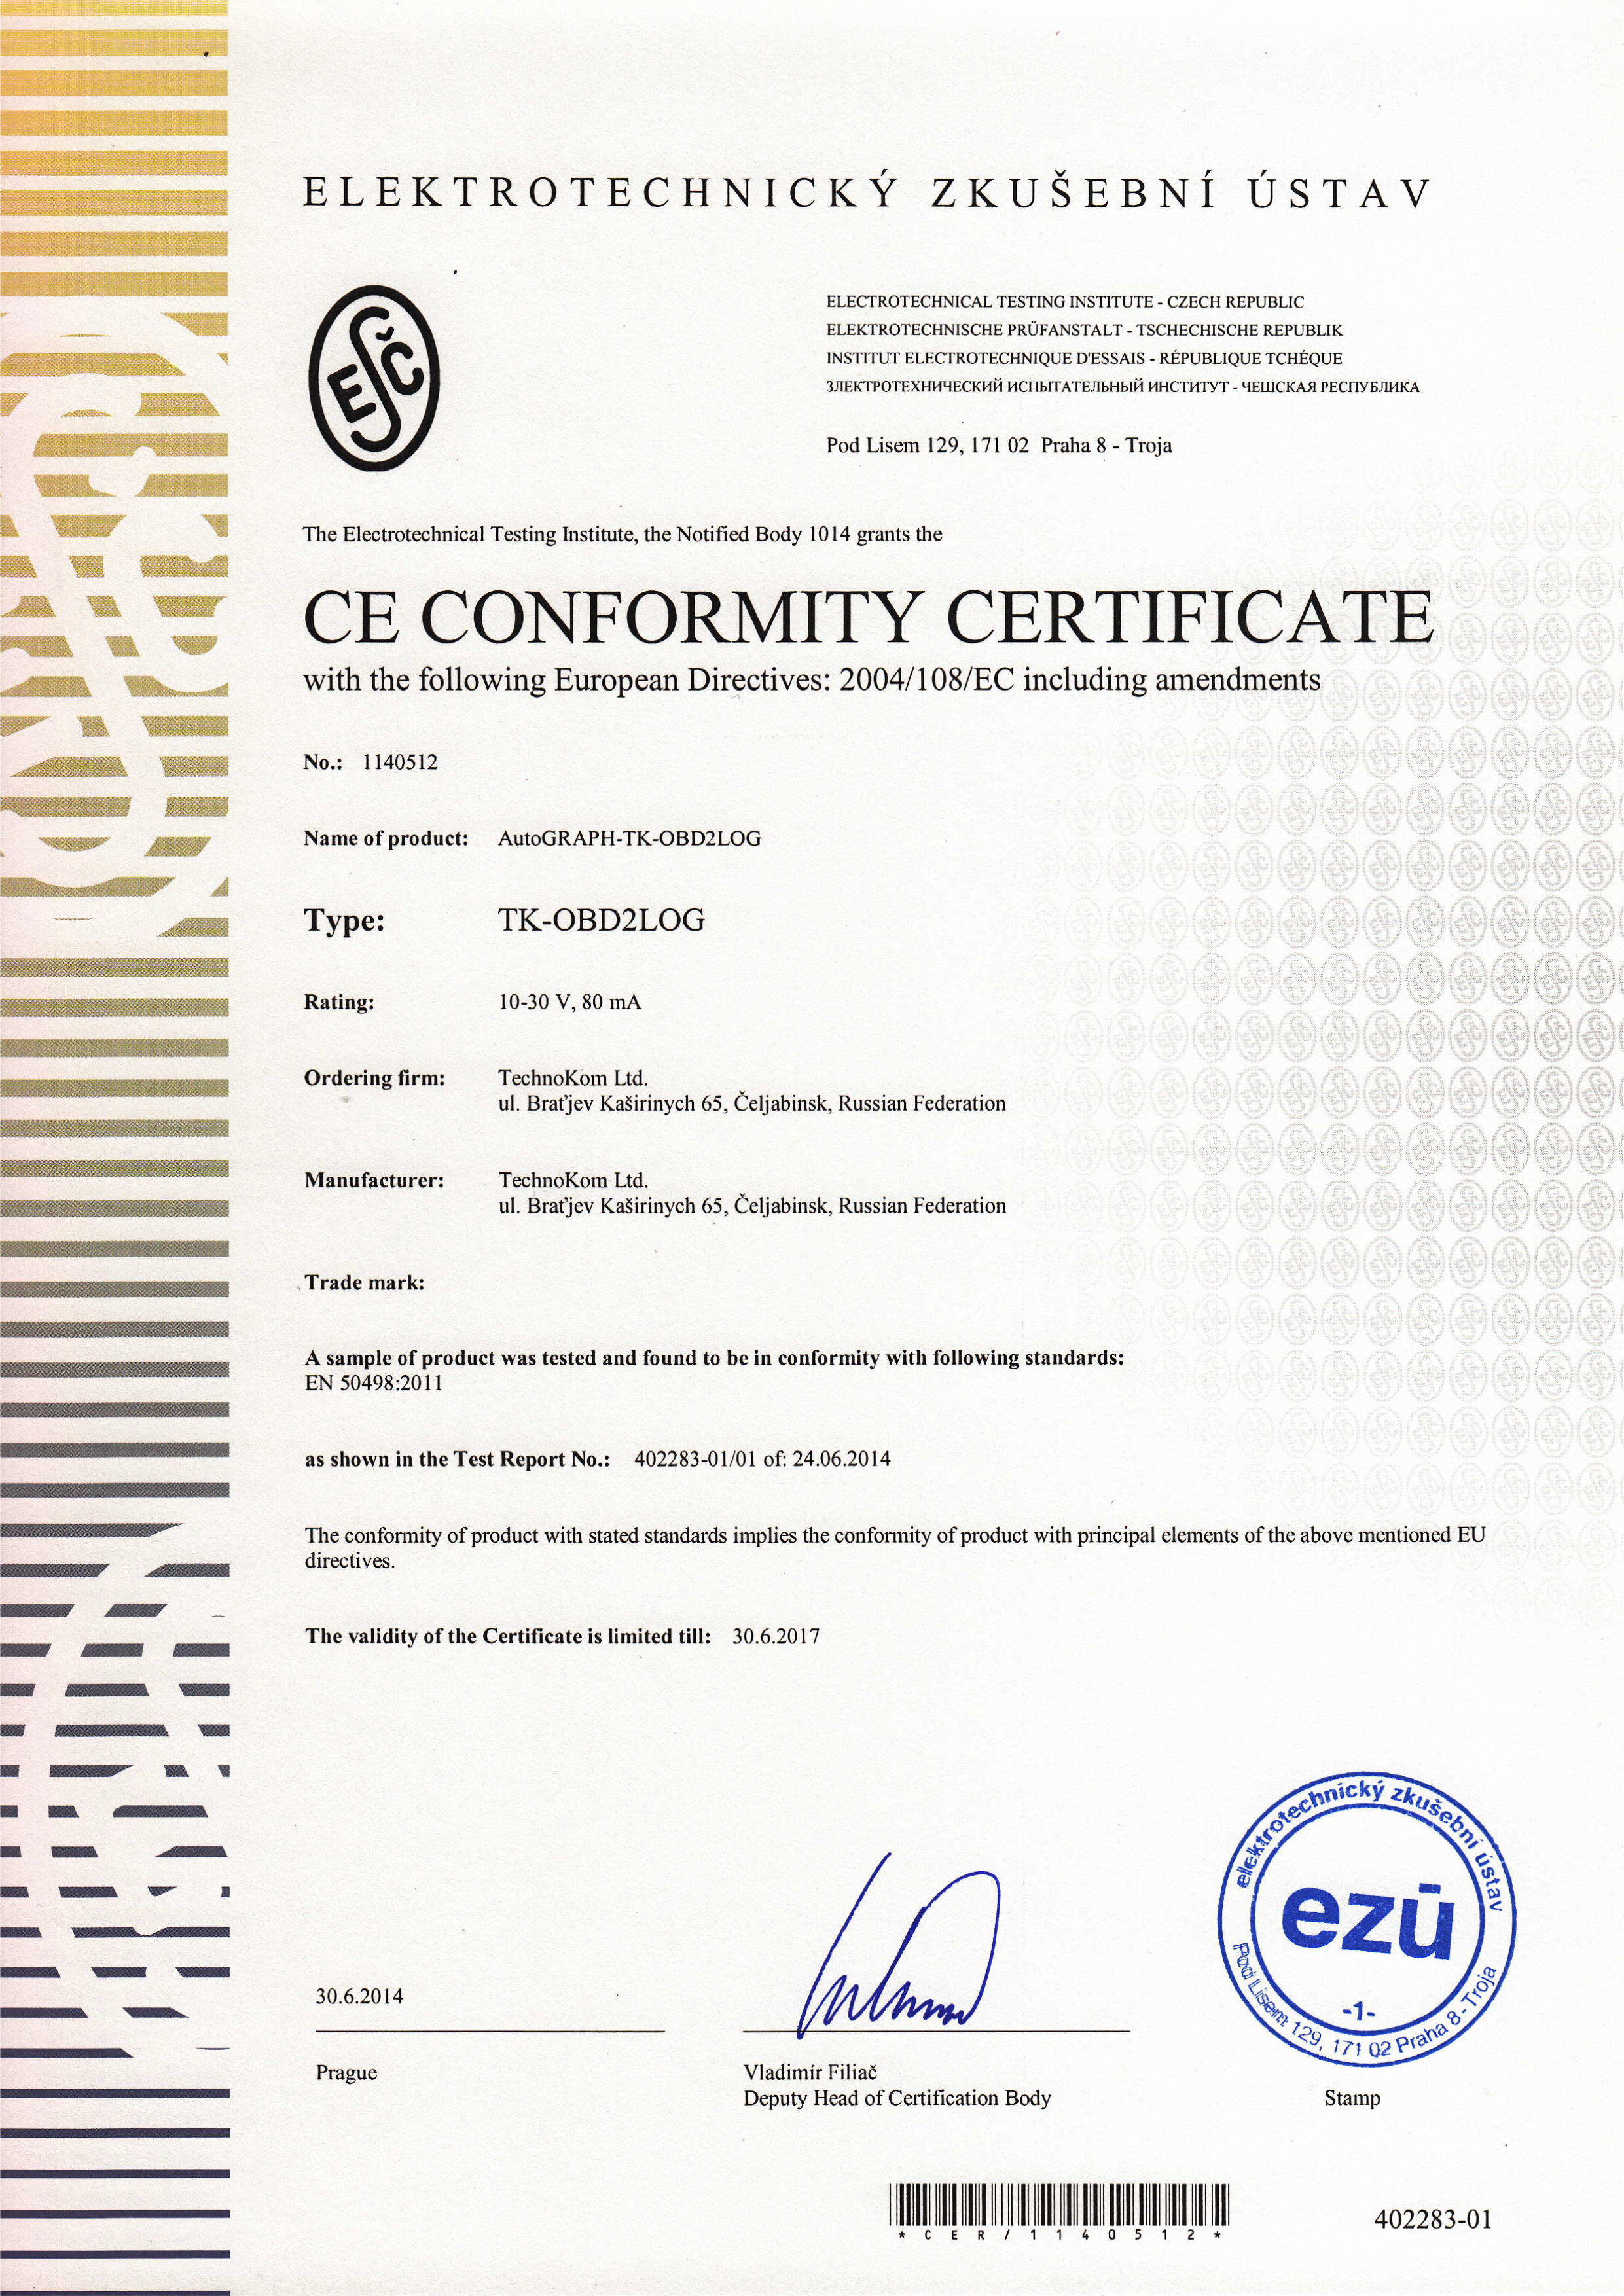 OBD2LOG_Certificate_2014_CE_300dpi